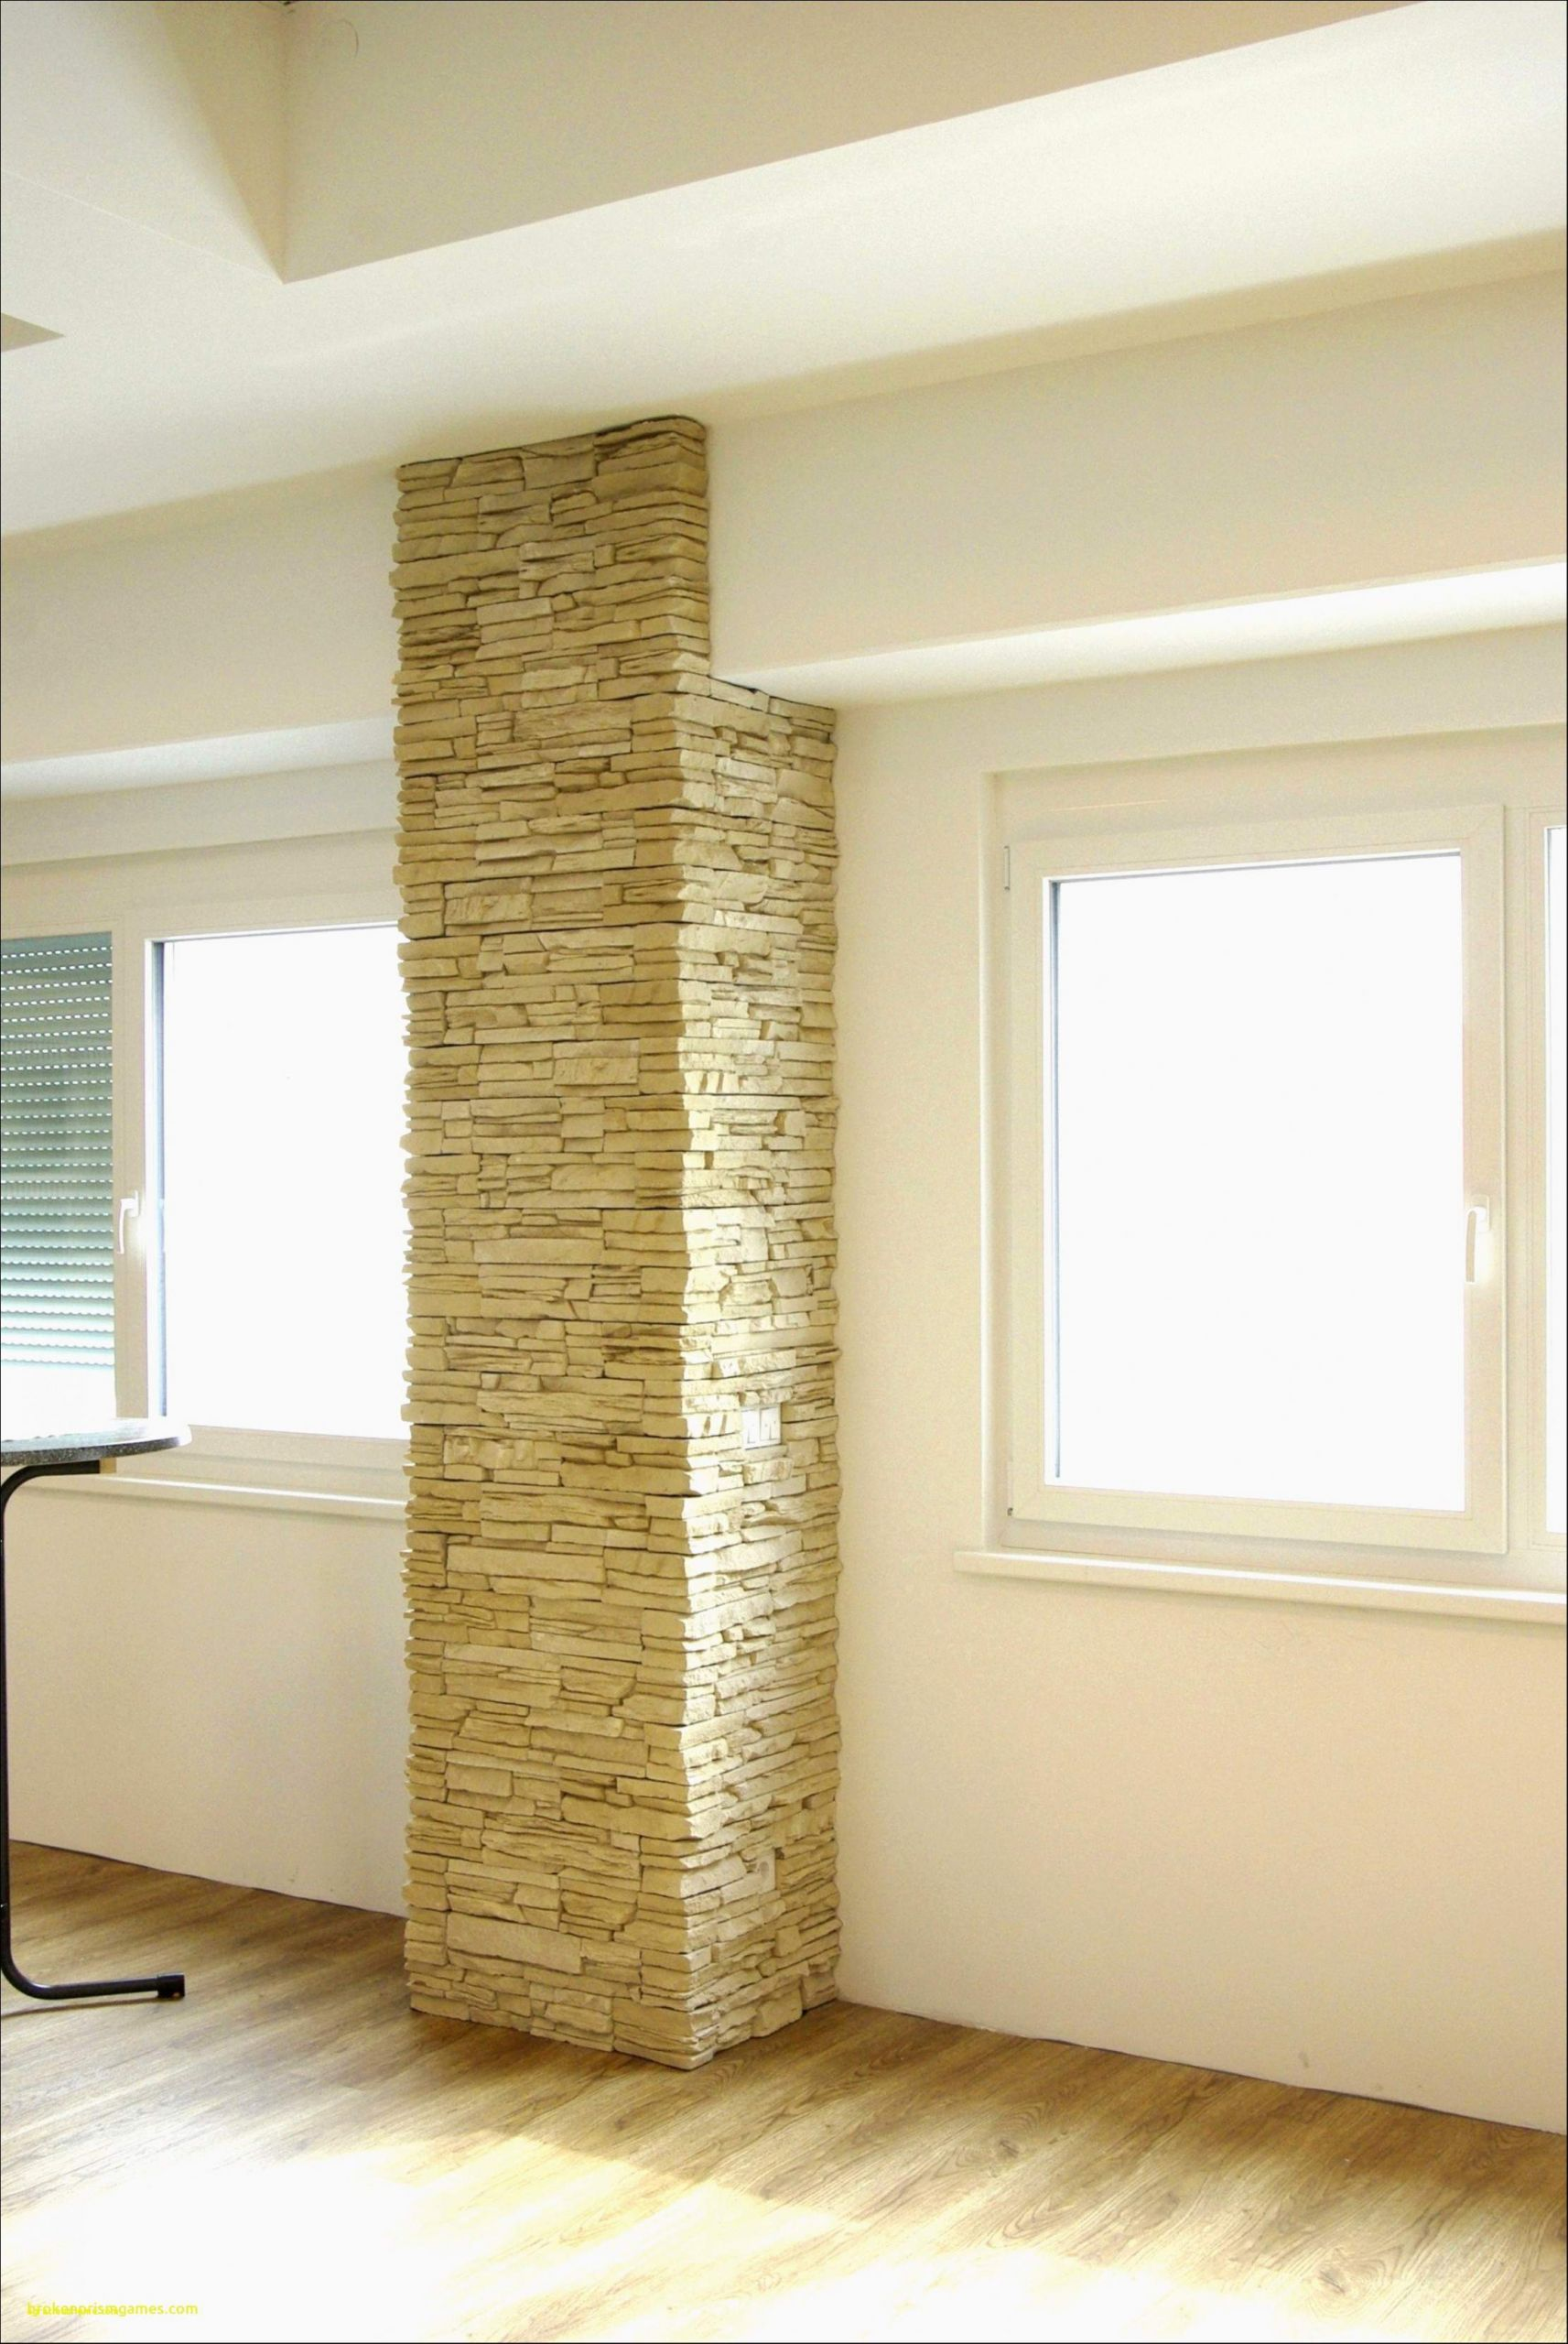 wohnzimmer schoner wohnen inspirierend wohnzimmer schoner wohnen elegant garderobe selber bauen of wohnzimmer schoner wohnen scaled